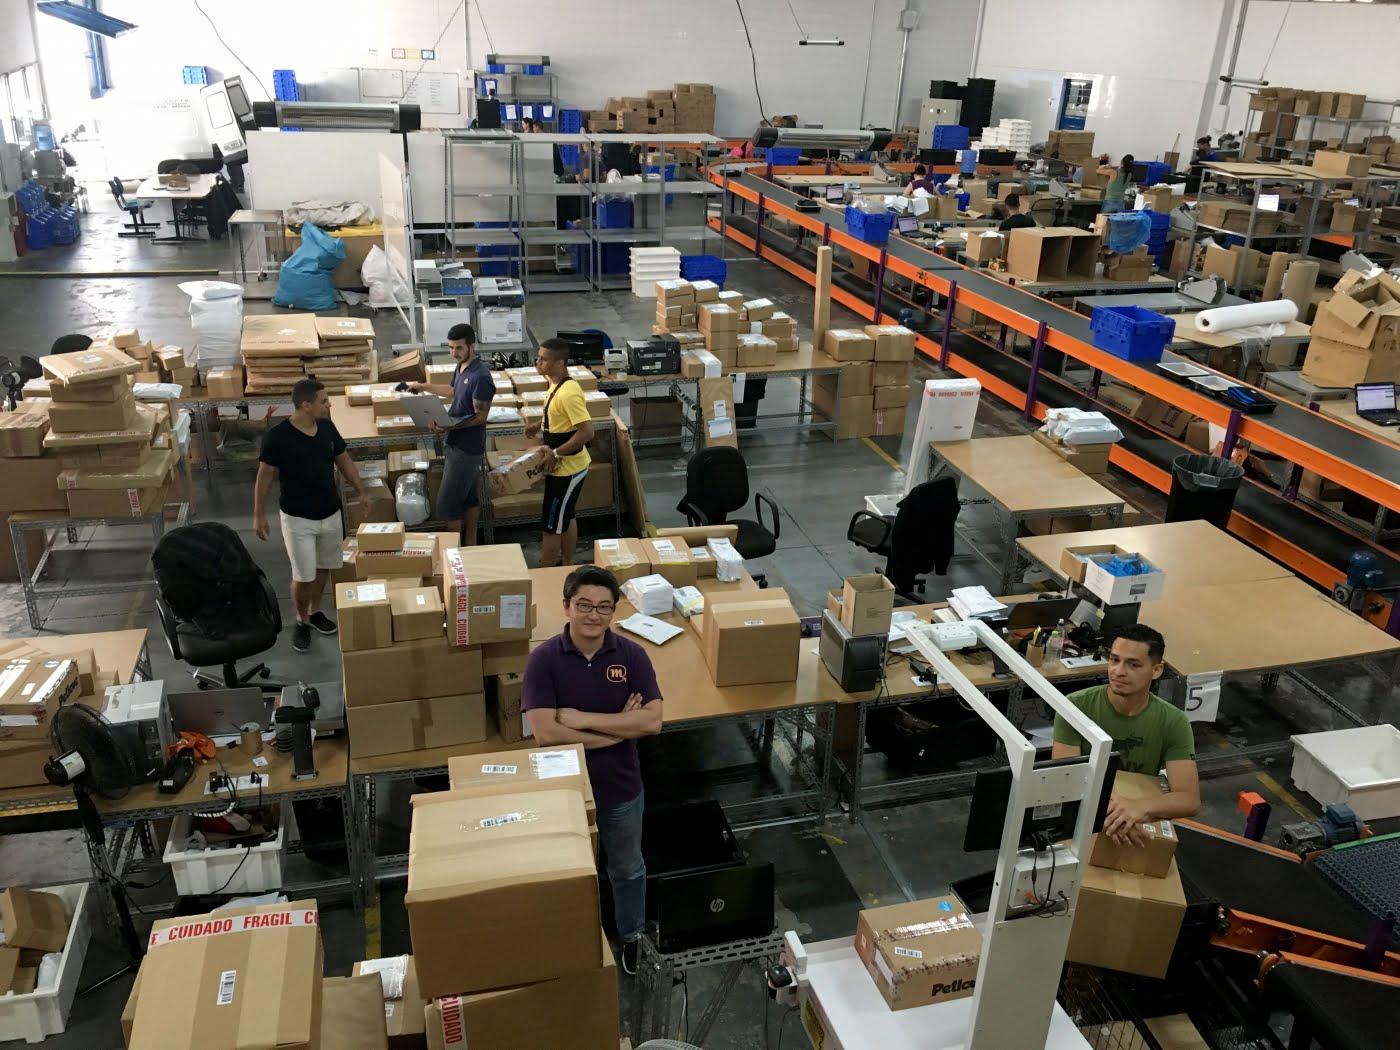 O CEO da Mandaê, Marcelo Fujimoto, conta que engordou 15 quilos, fez coaching, e segue buscando a inovação no mercado de logística.